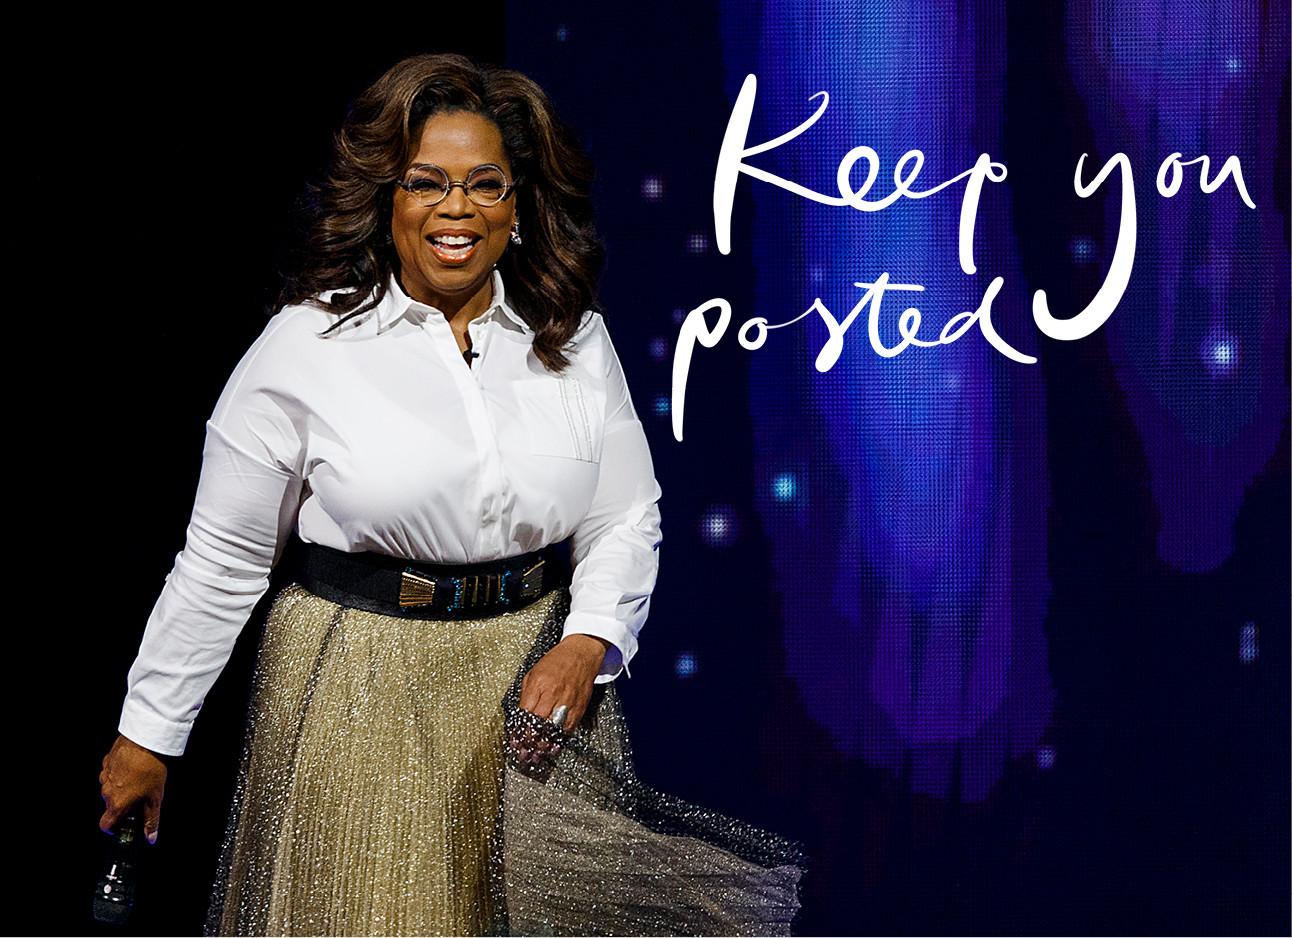 beeld van oprah winfrey die voor een donkerblauwe achtergrond